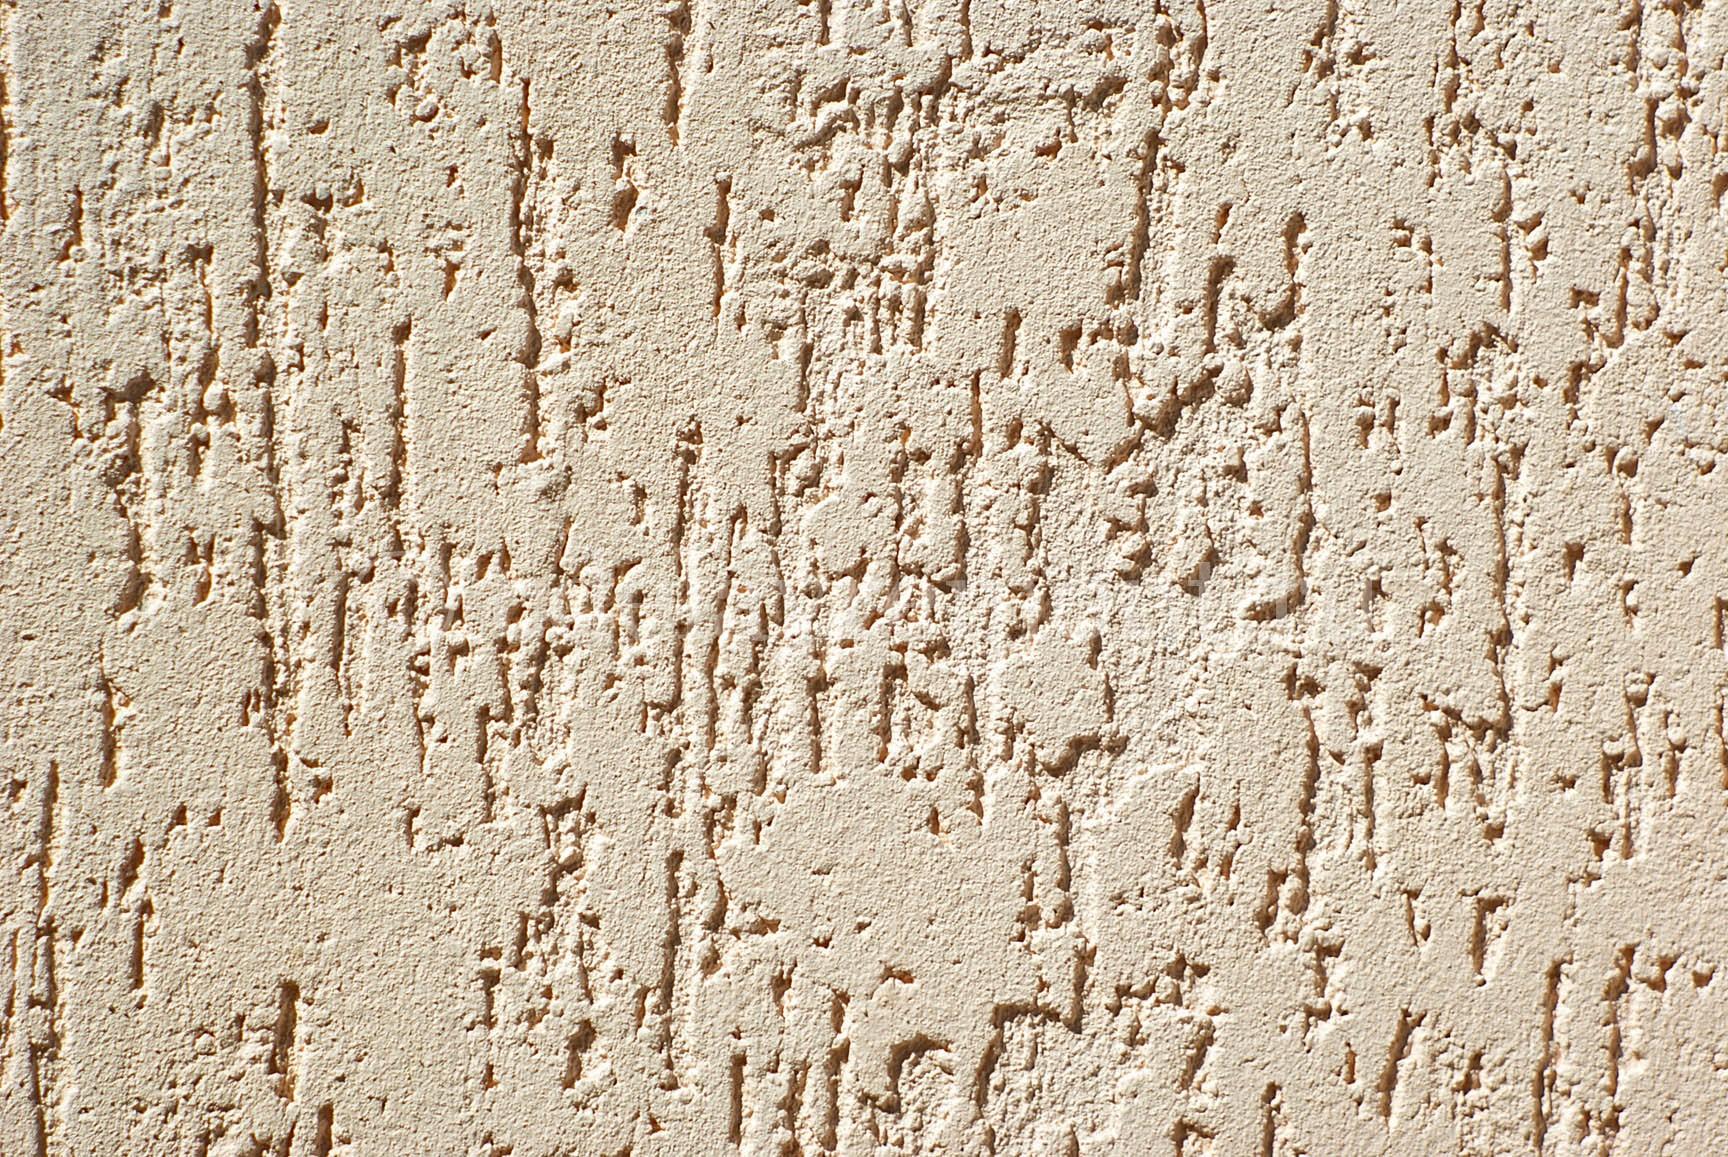 """Штукатурка """"Короед"""" получила широкое применение в отделке стен"""